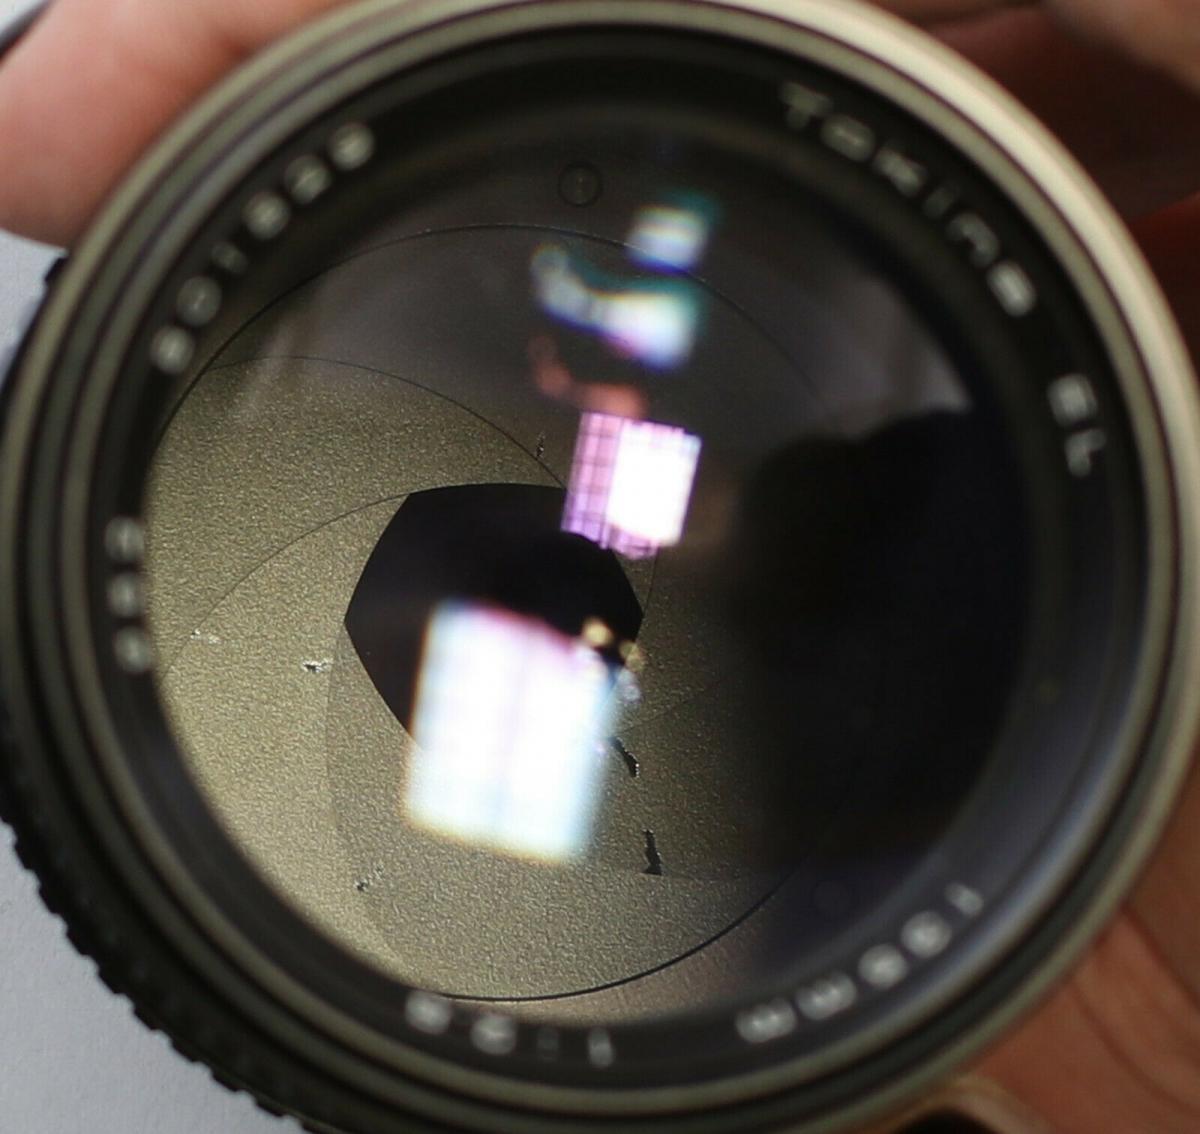 8470006 Spiegelreflexkamera Minolta XG-1 mit Zubehör 3 Objektive Tokina Foto 5